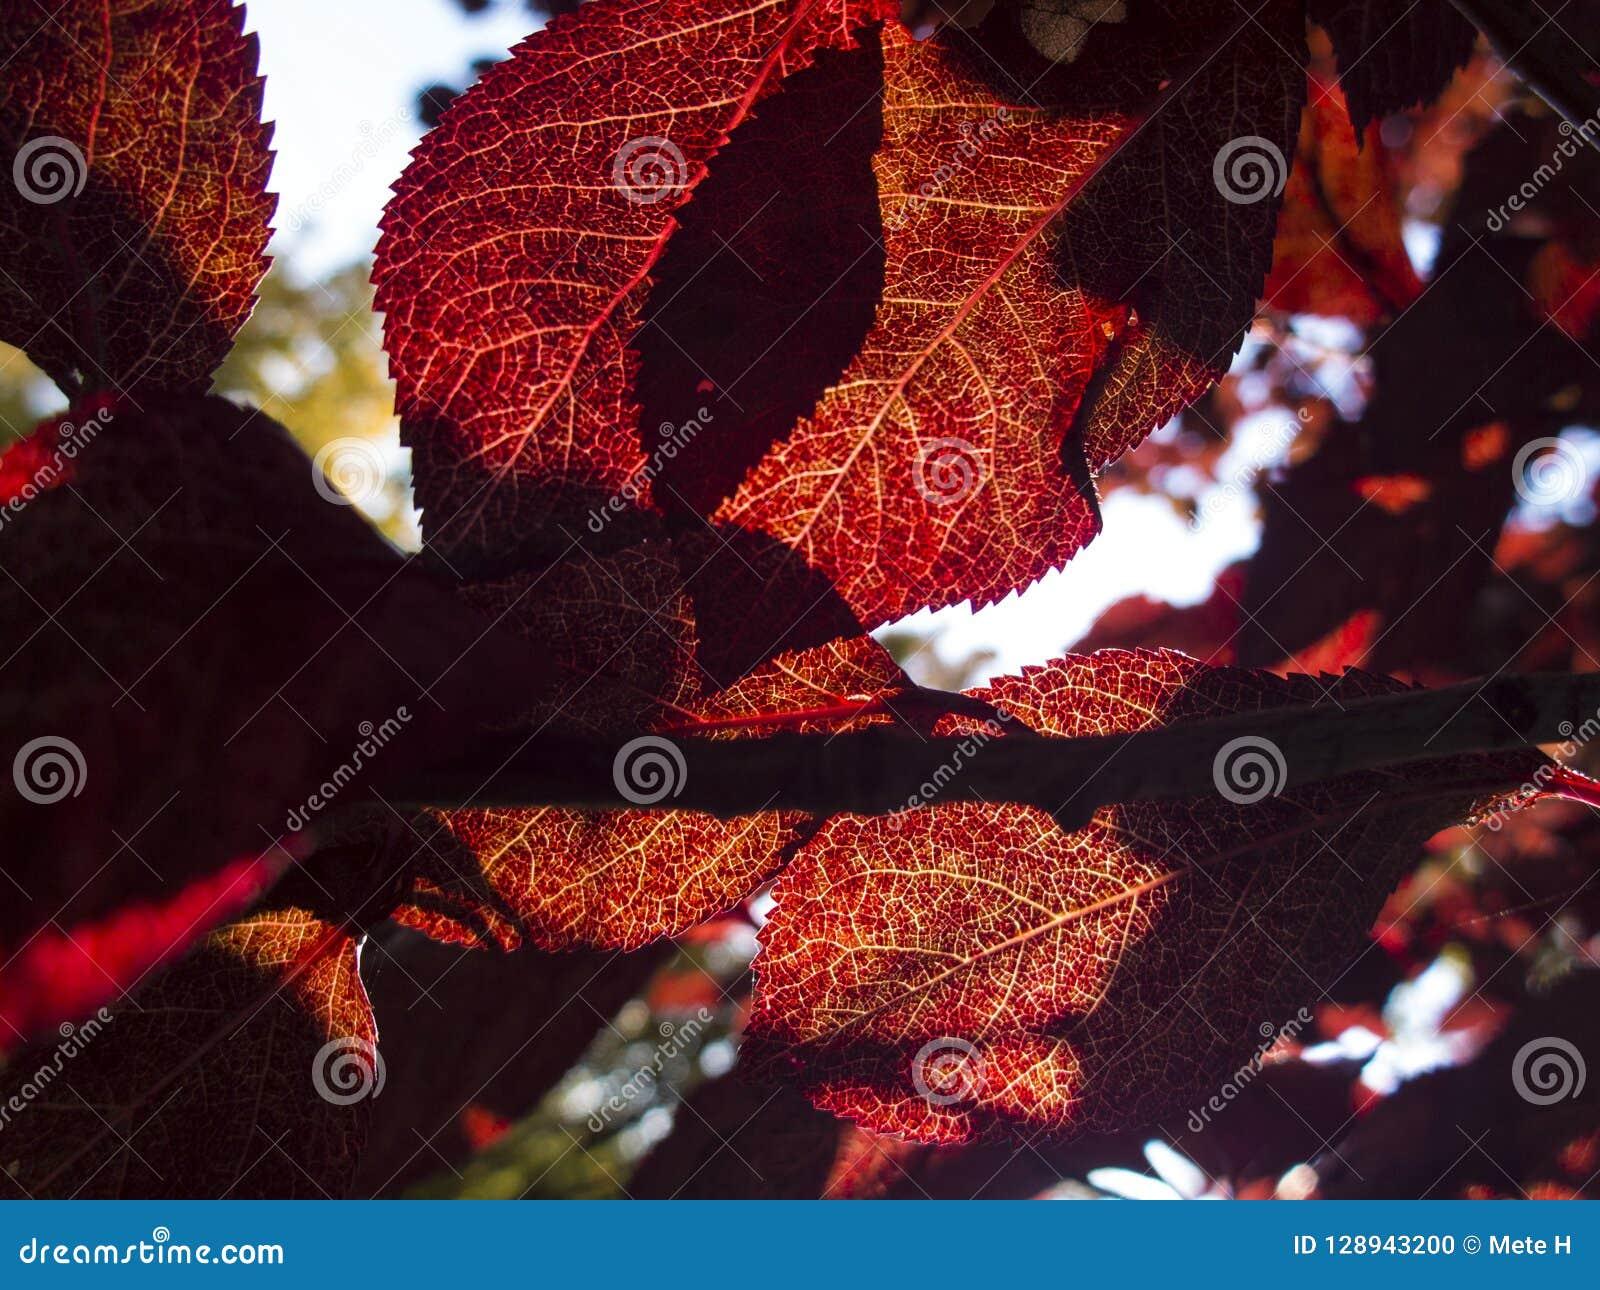 κλείστε επάνω περάσματα ήλιων φθινοπώρου μέσω των κόκκινων φύλλων